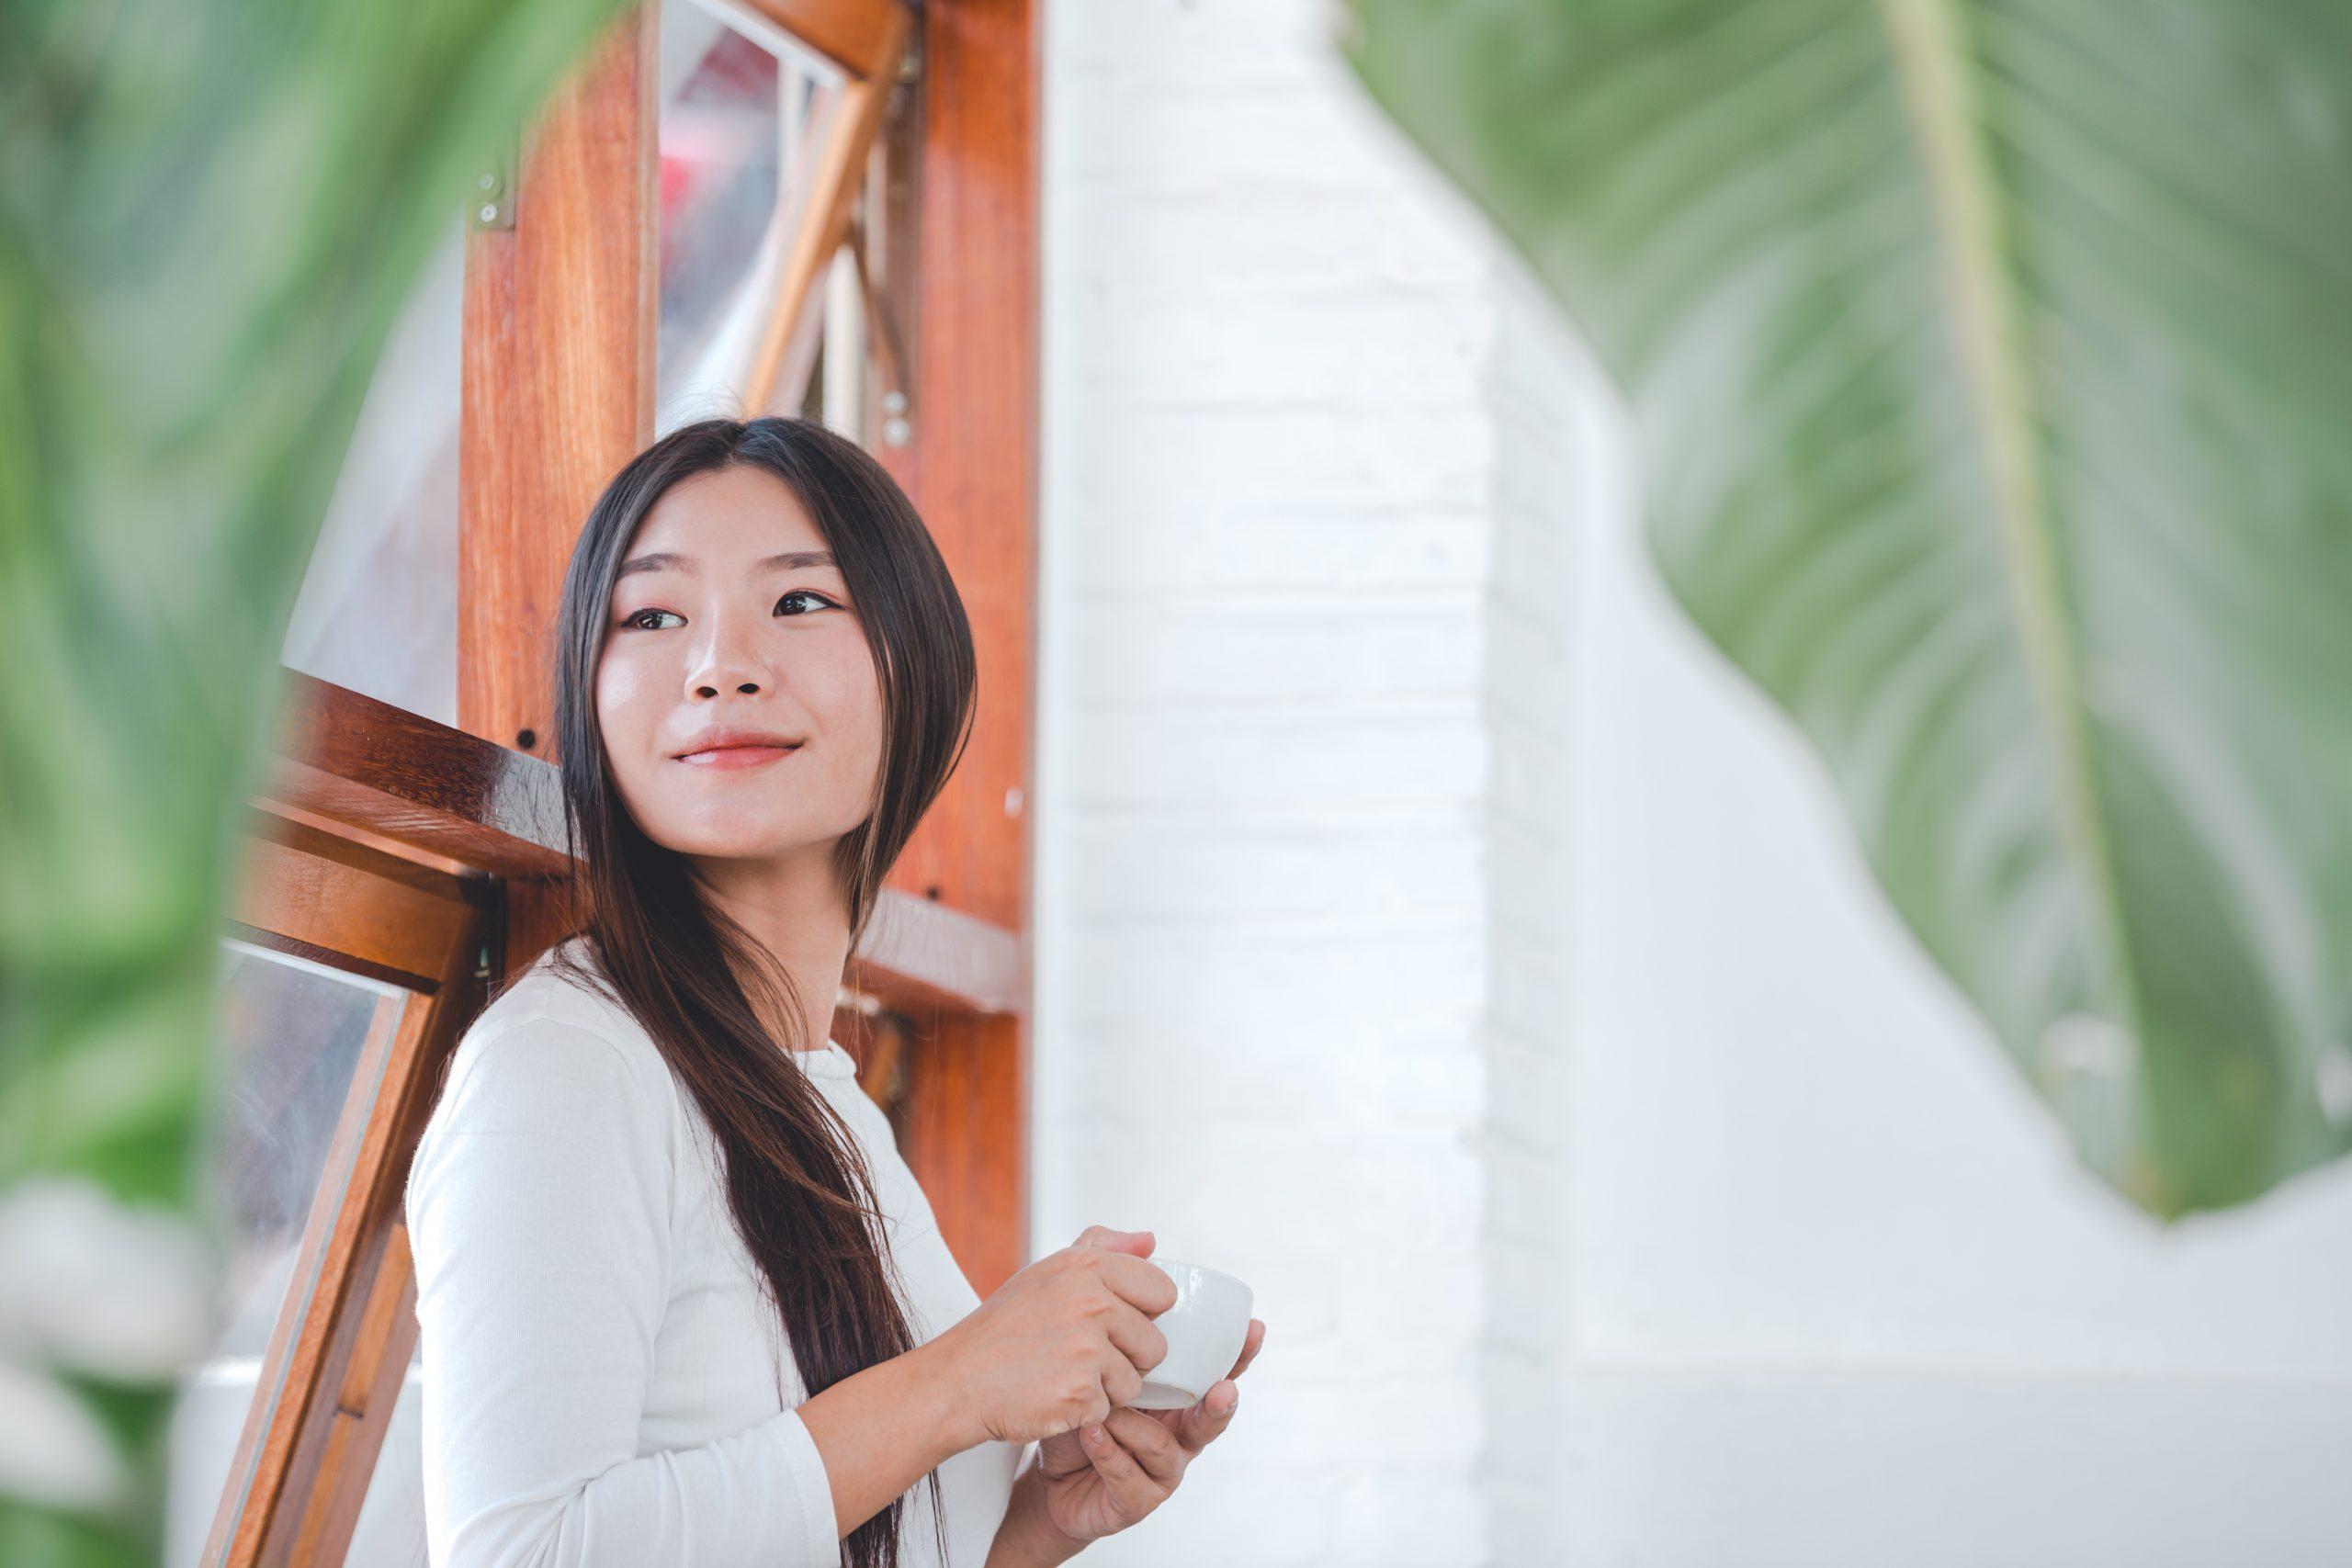 beautiful Philippina woman